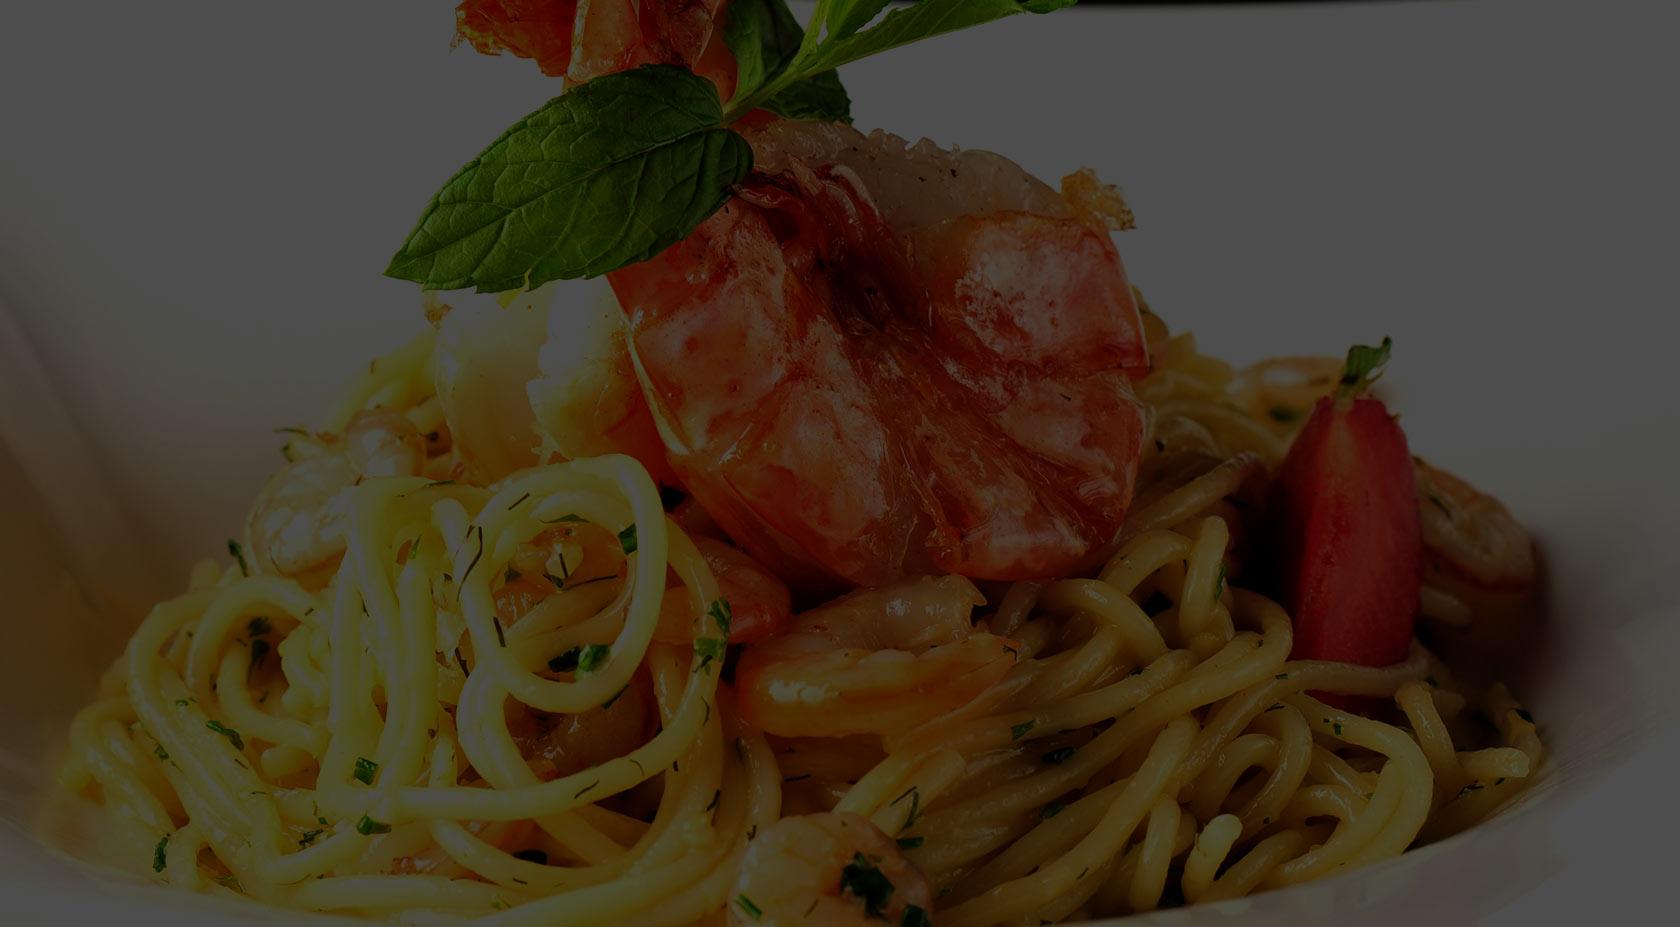 Italienske måltidskasser - Når det bare skal være godt